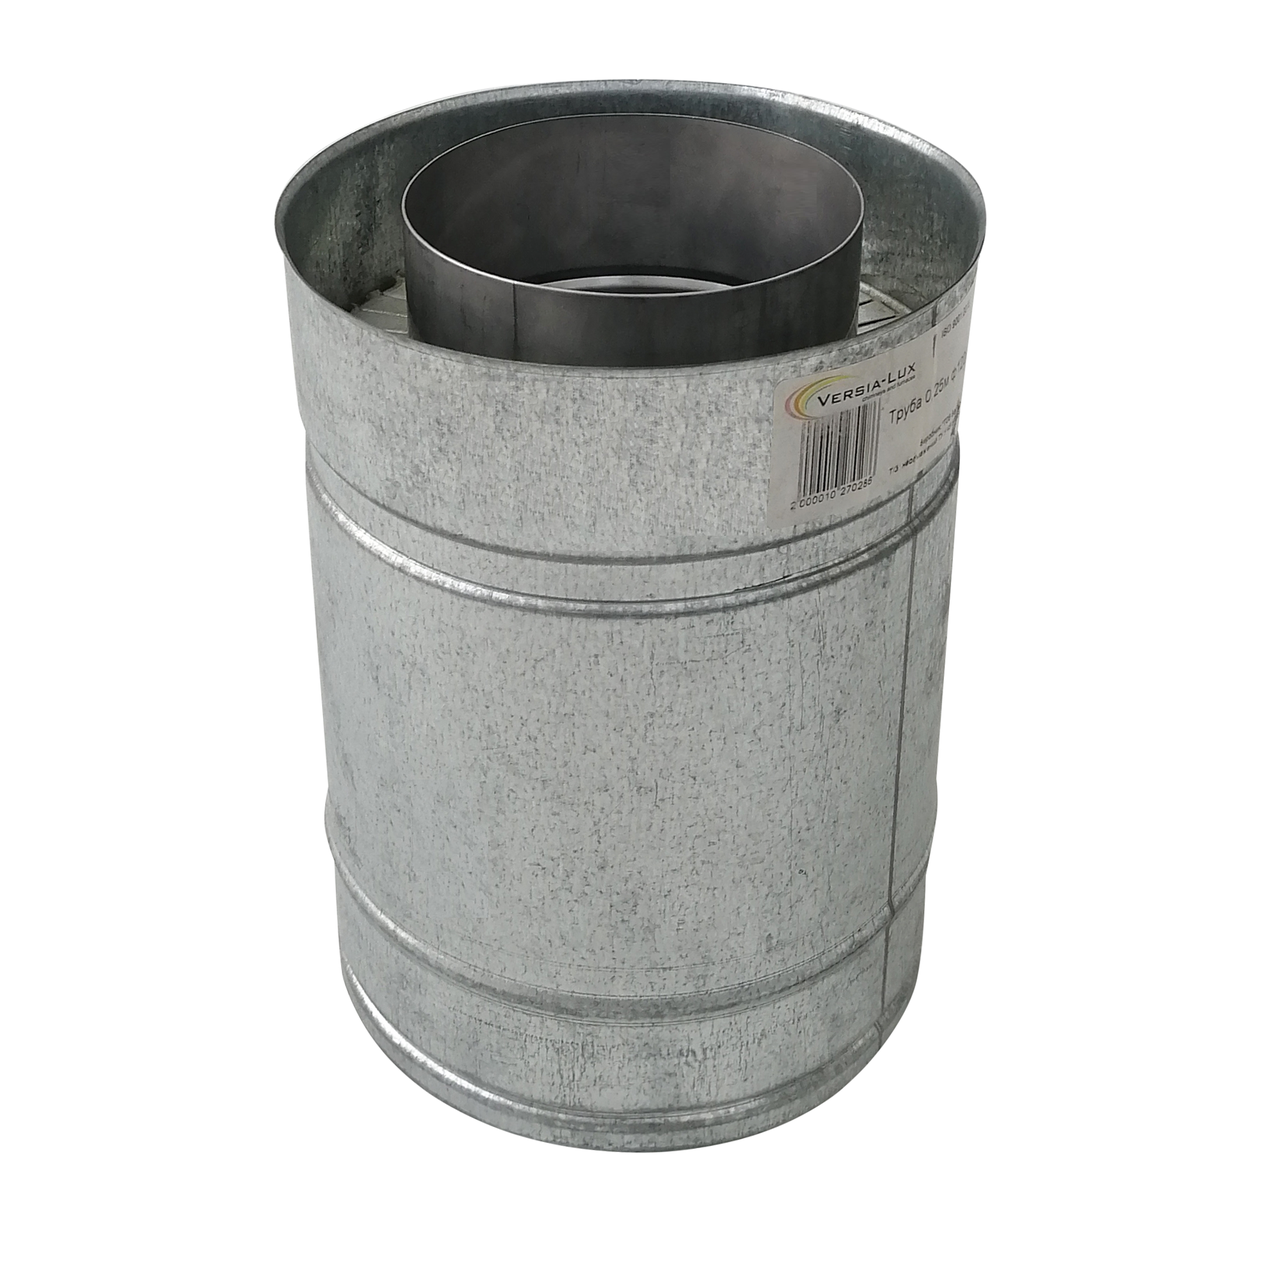 Труба дымоходная сэндвич d 180 мм; 0,5 мм; AISI 304; 25 см; нержавейка/оцинковка - «Версия Люкс»